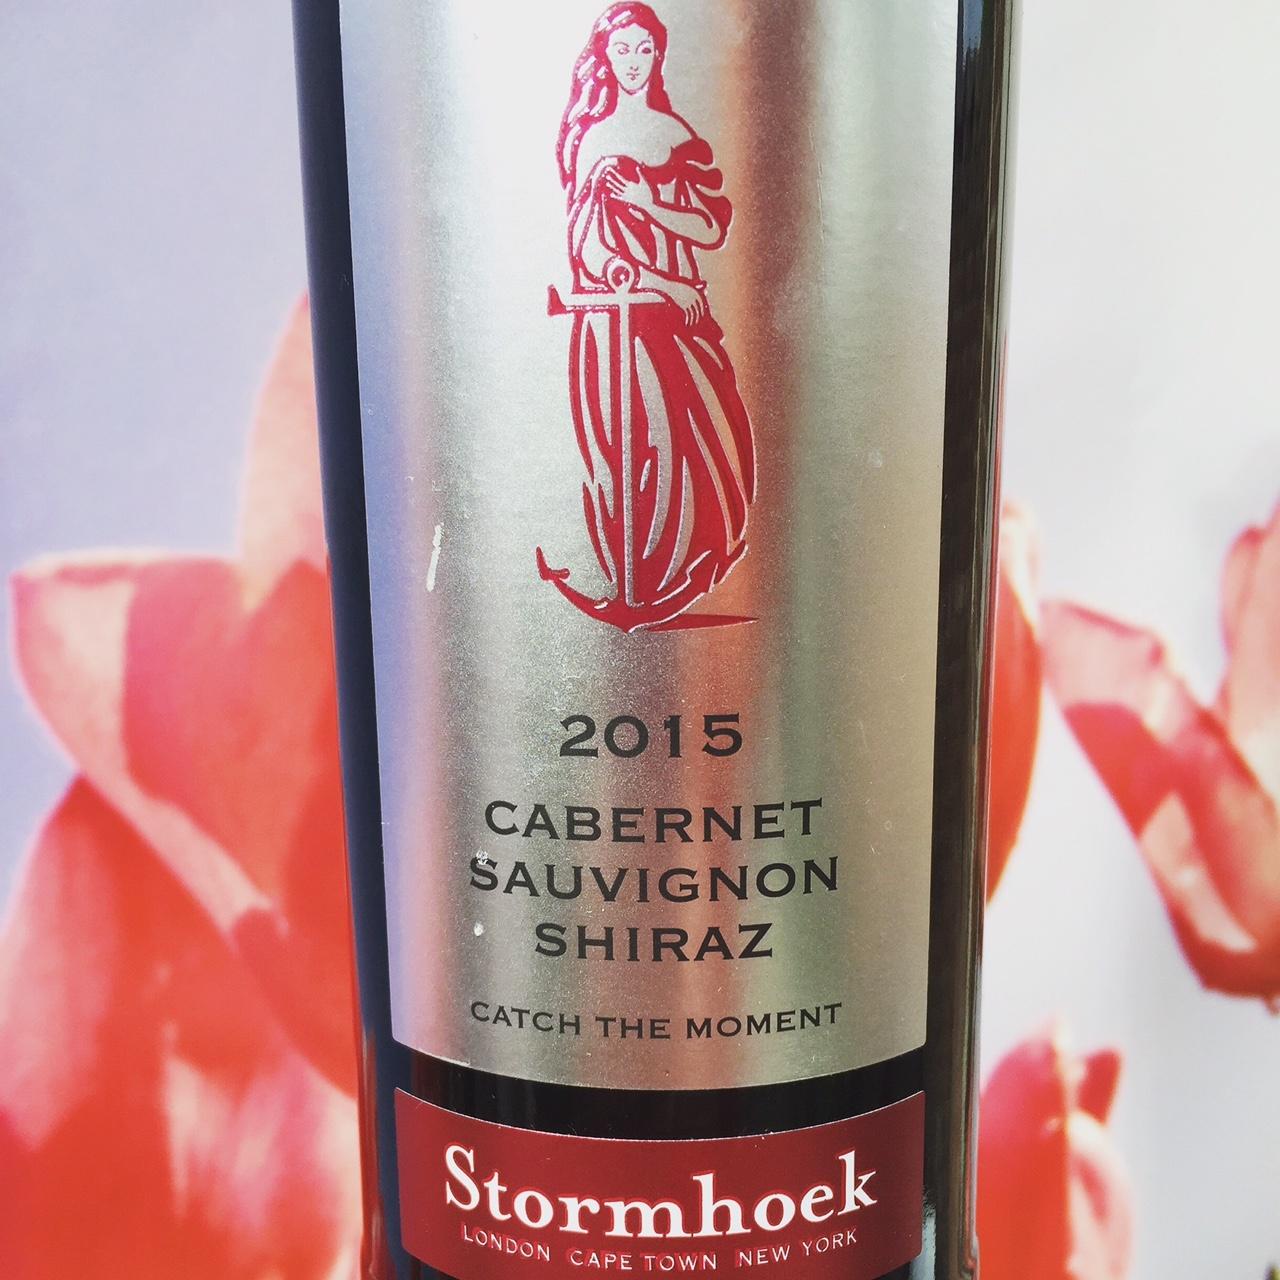 Stormhoek wijnreview door Mama Drinkt Wijn, vinoloog sinds 2006